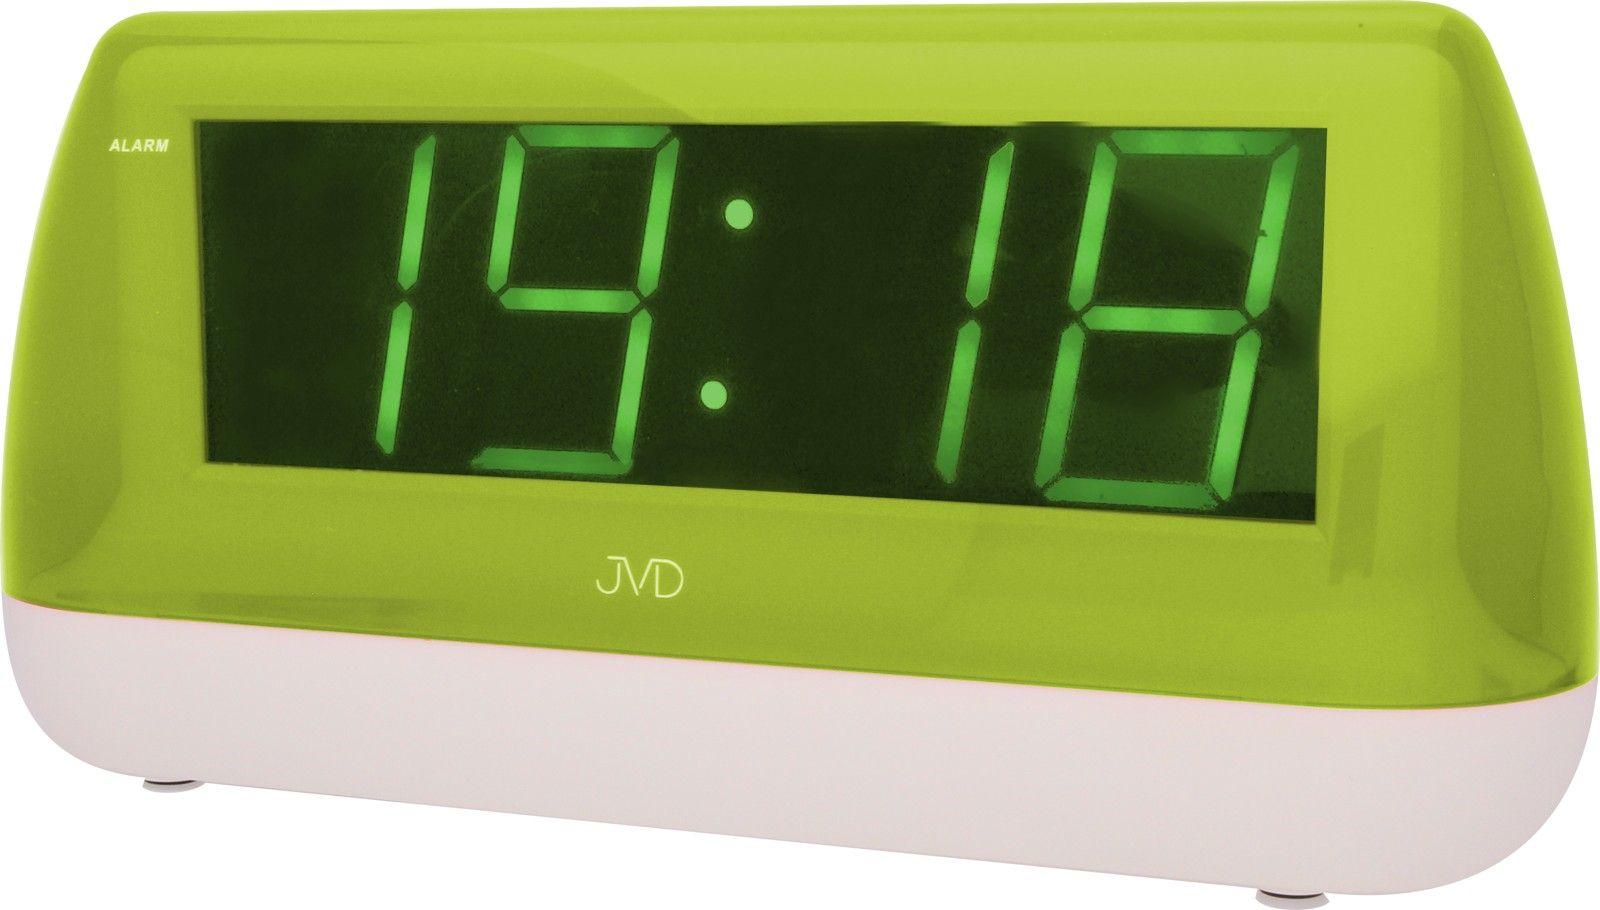 Svítící velký digitální budík JVD SB1823.2 se zelenými číslicemi do el. sítě